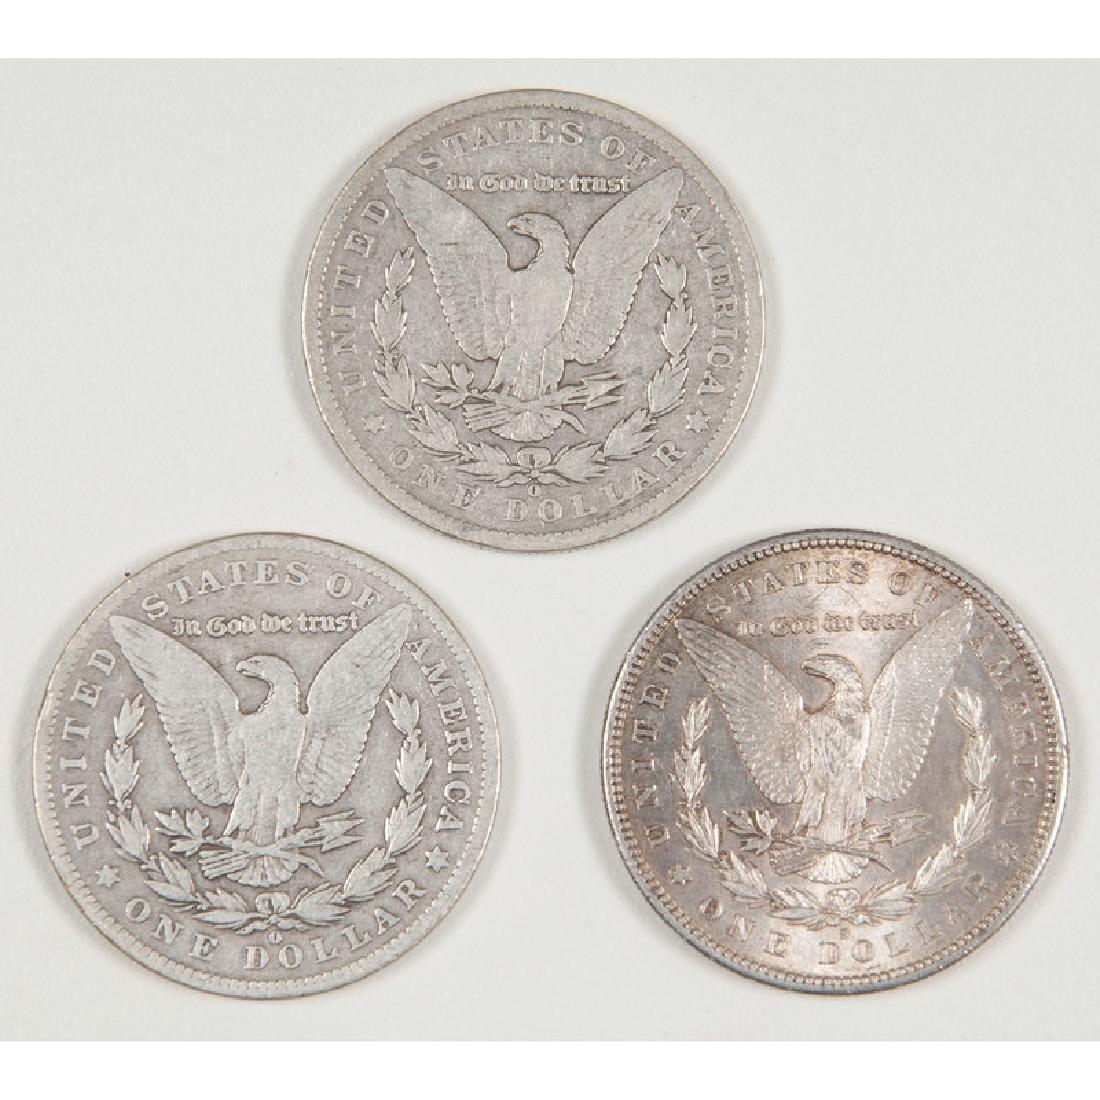 United States Morgan Silver Dollars 1881-S, 1901-O, - 2